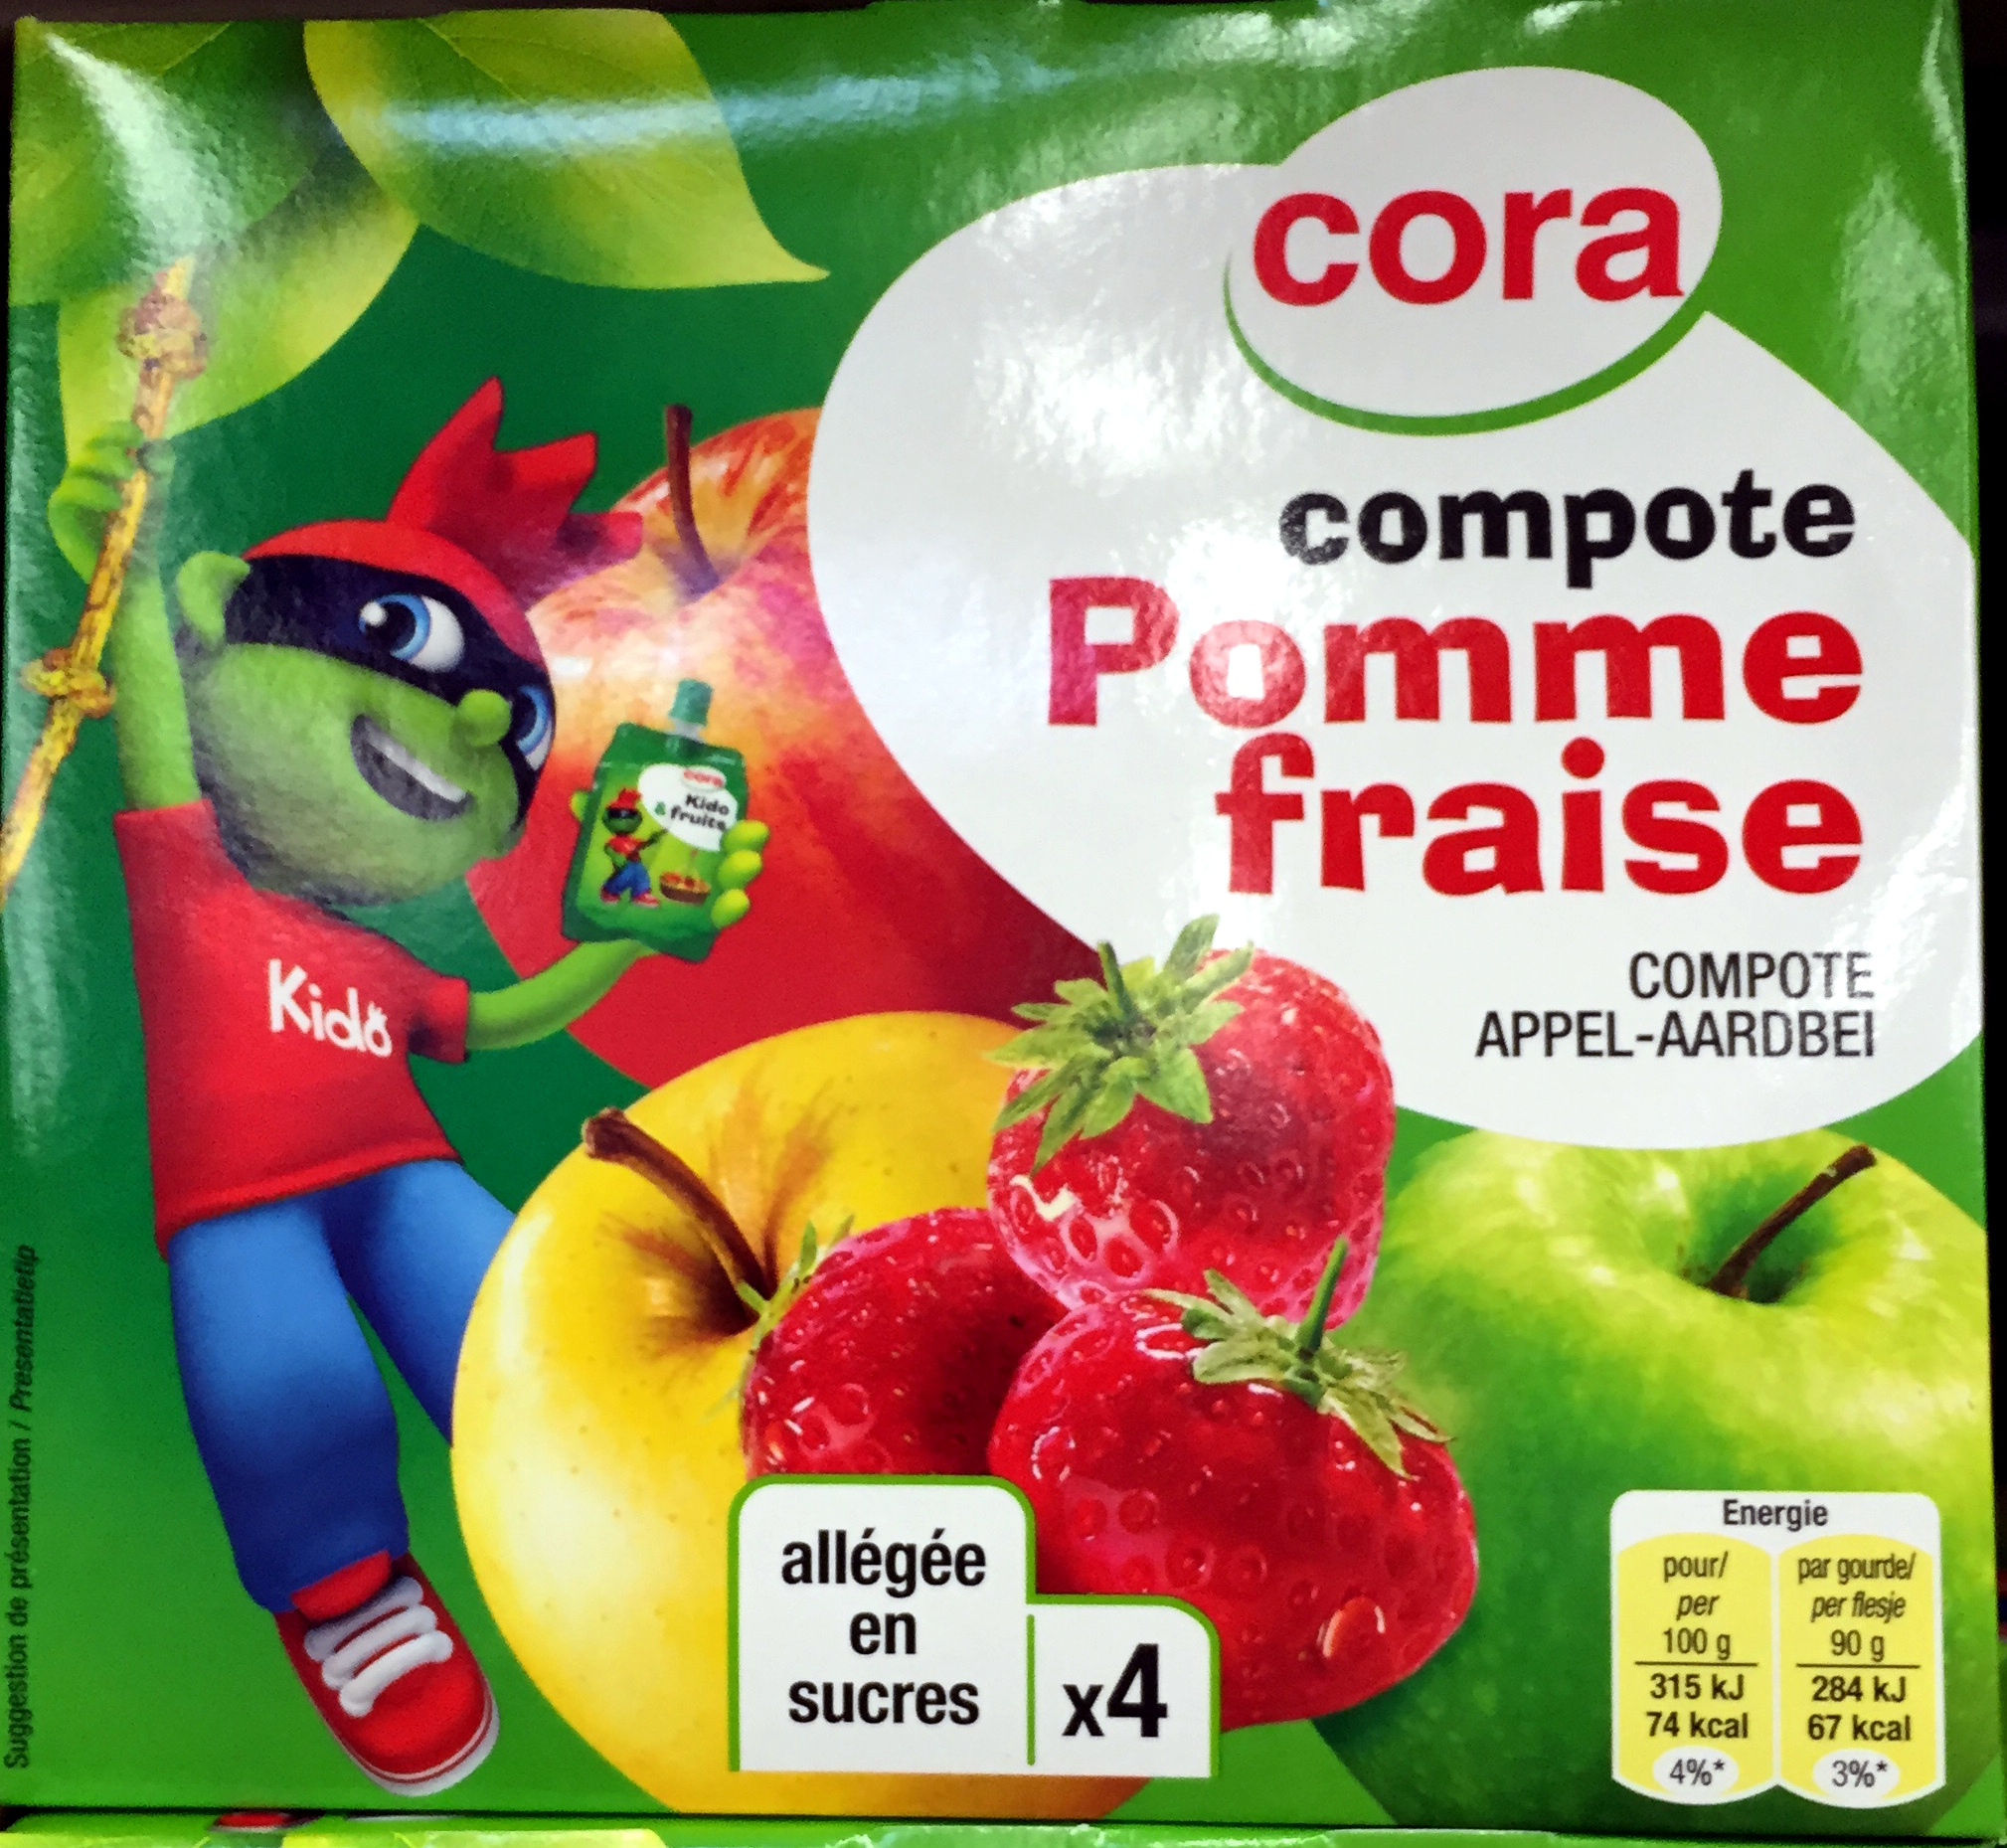 Compote Pomme fraise, allégée en sucres (x 4) - Produit